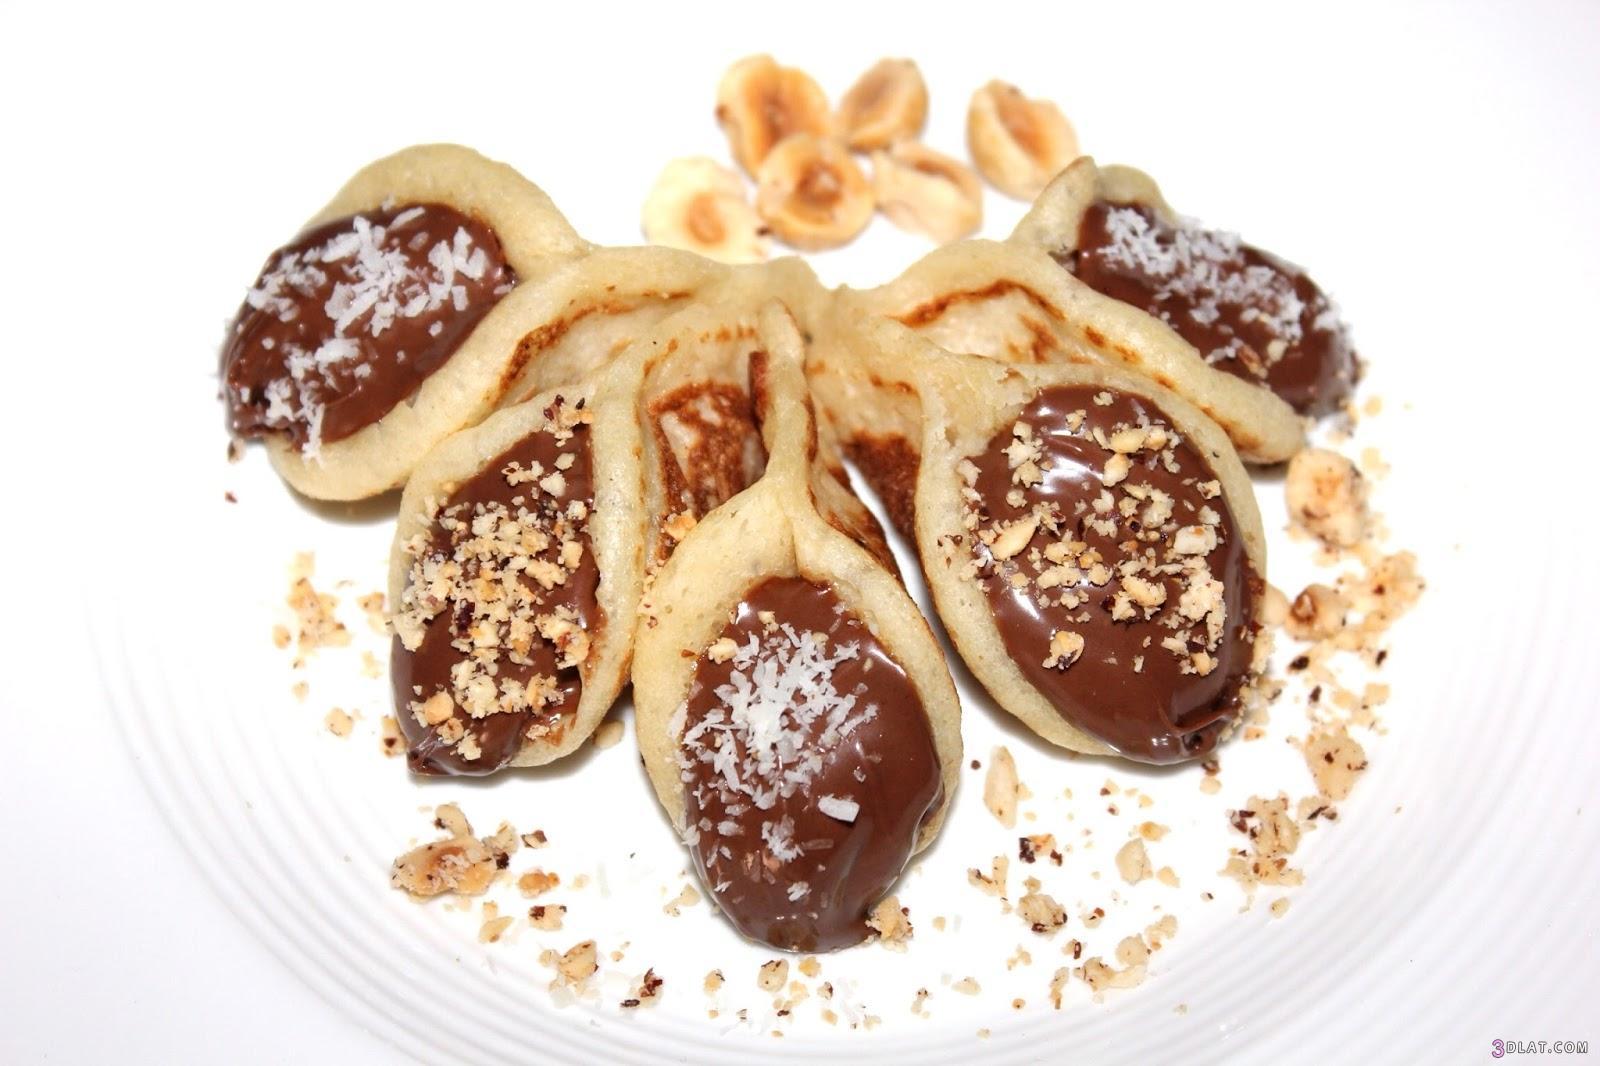 حلويات رمضانية,حلوى رمضان كامل قطايف